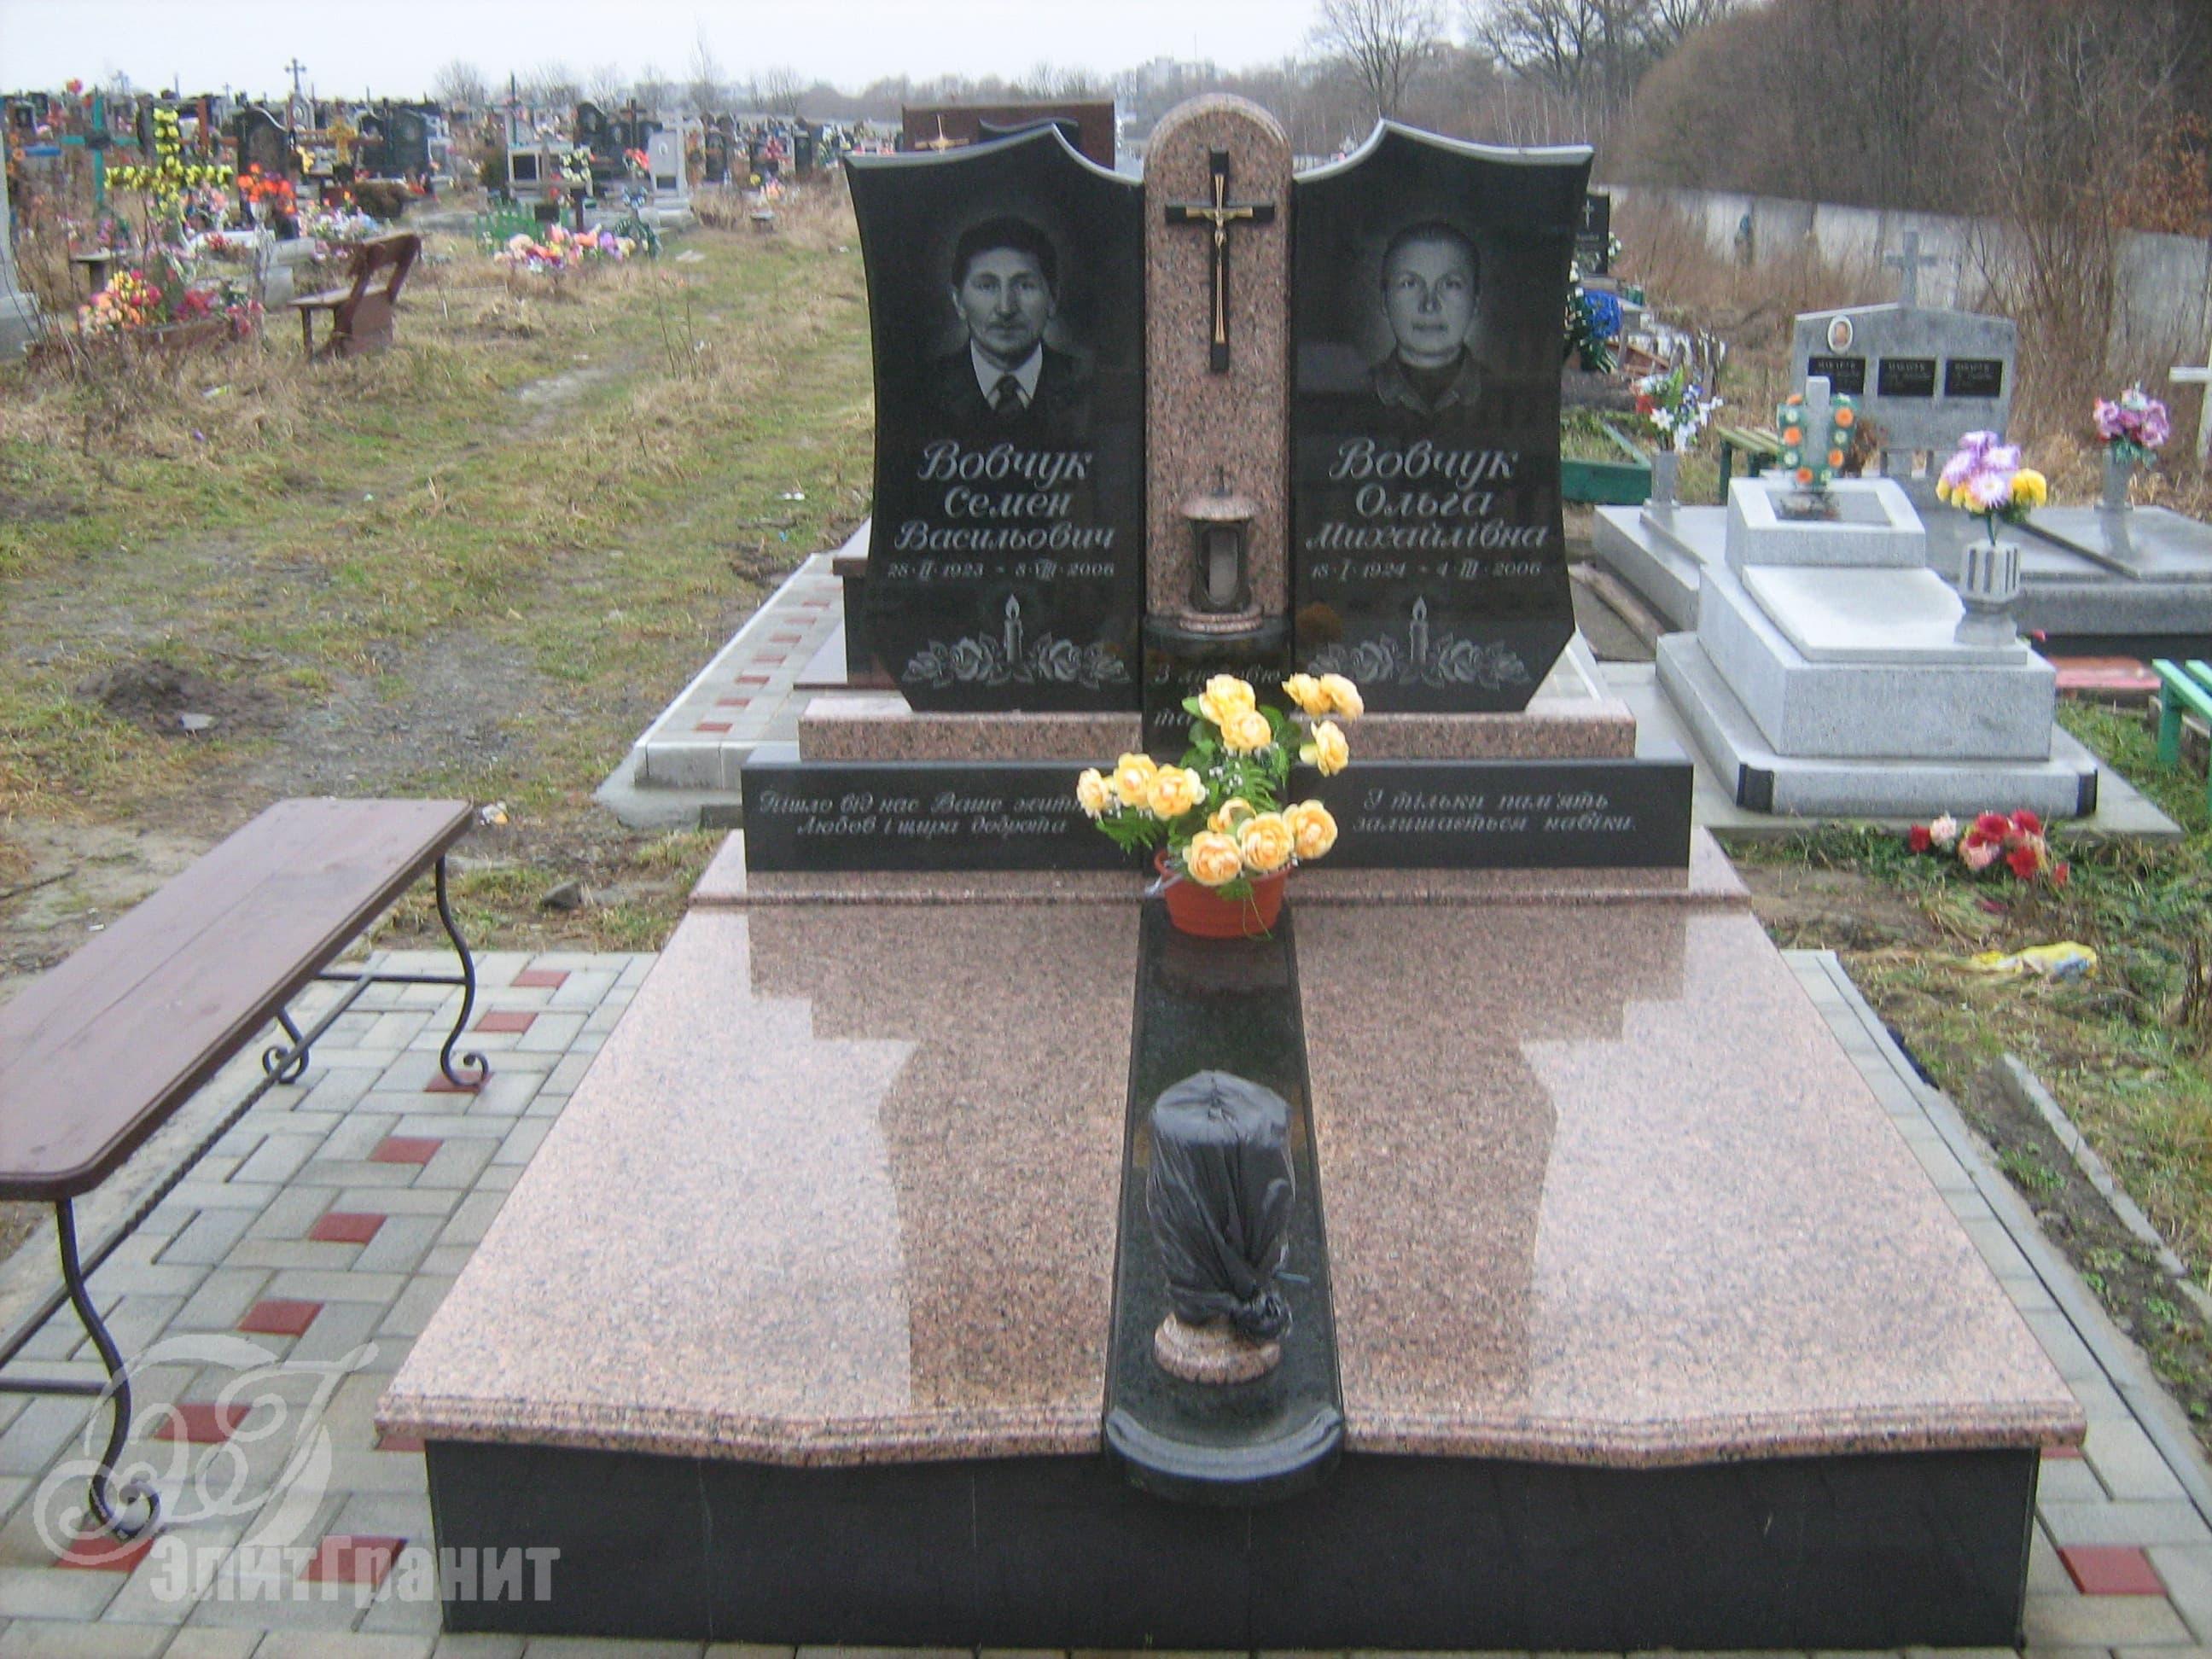 Памятник из гранита екатеринбург в минске памятники из гранита каталог фото с телефона